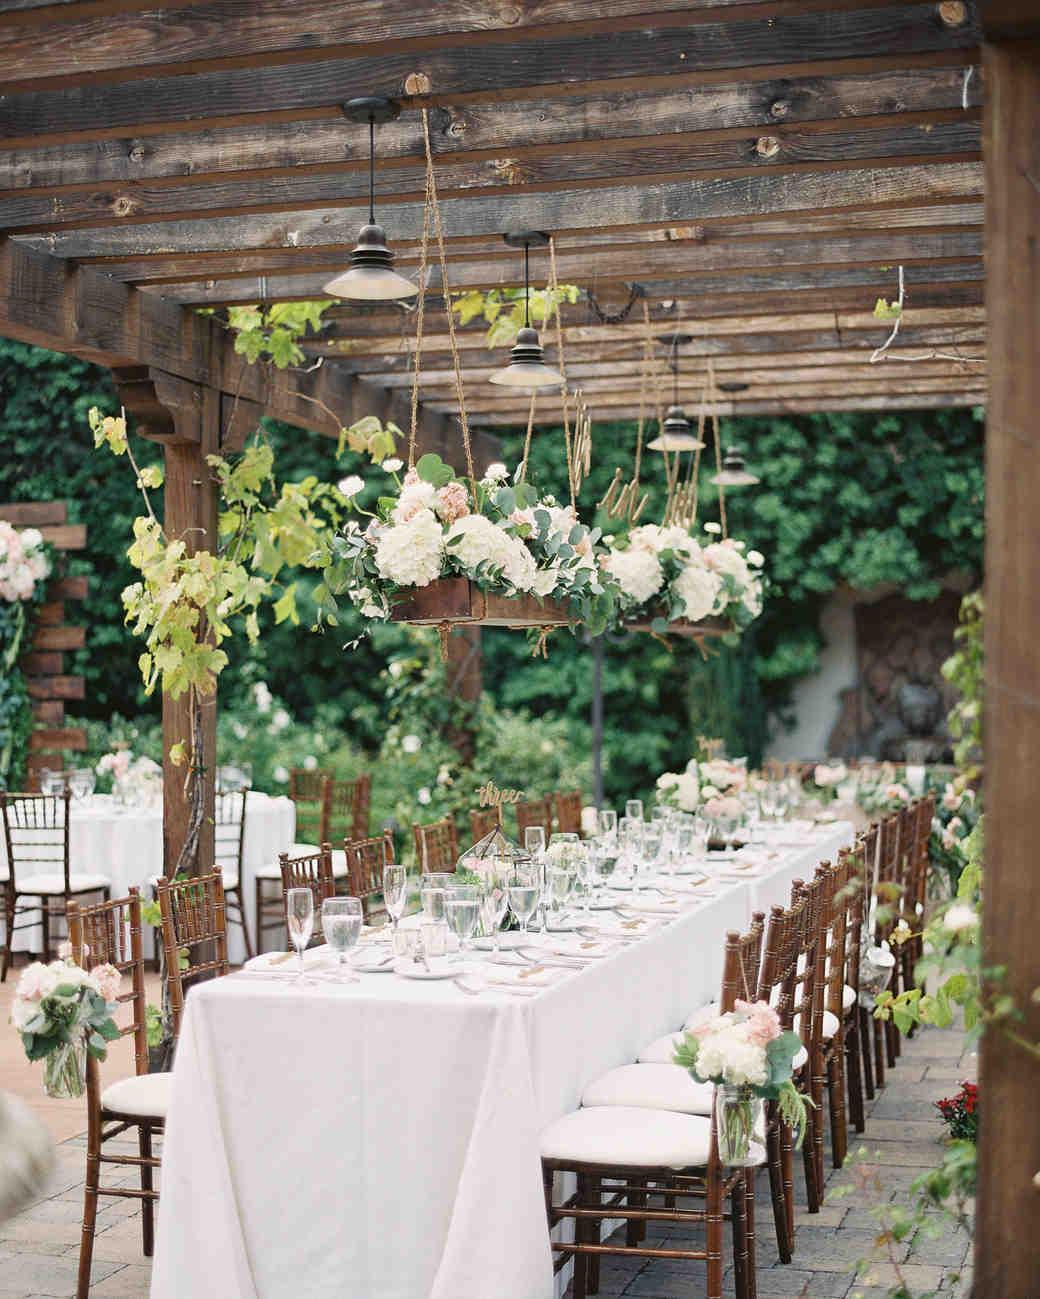 28 ideas for sitting pretty at your head table martha stewart weddings rh marthastewartweddings com wedding head table backdrop wedding head table layout